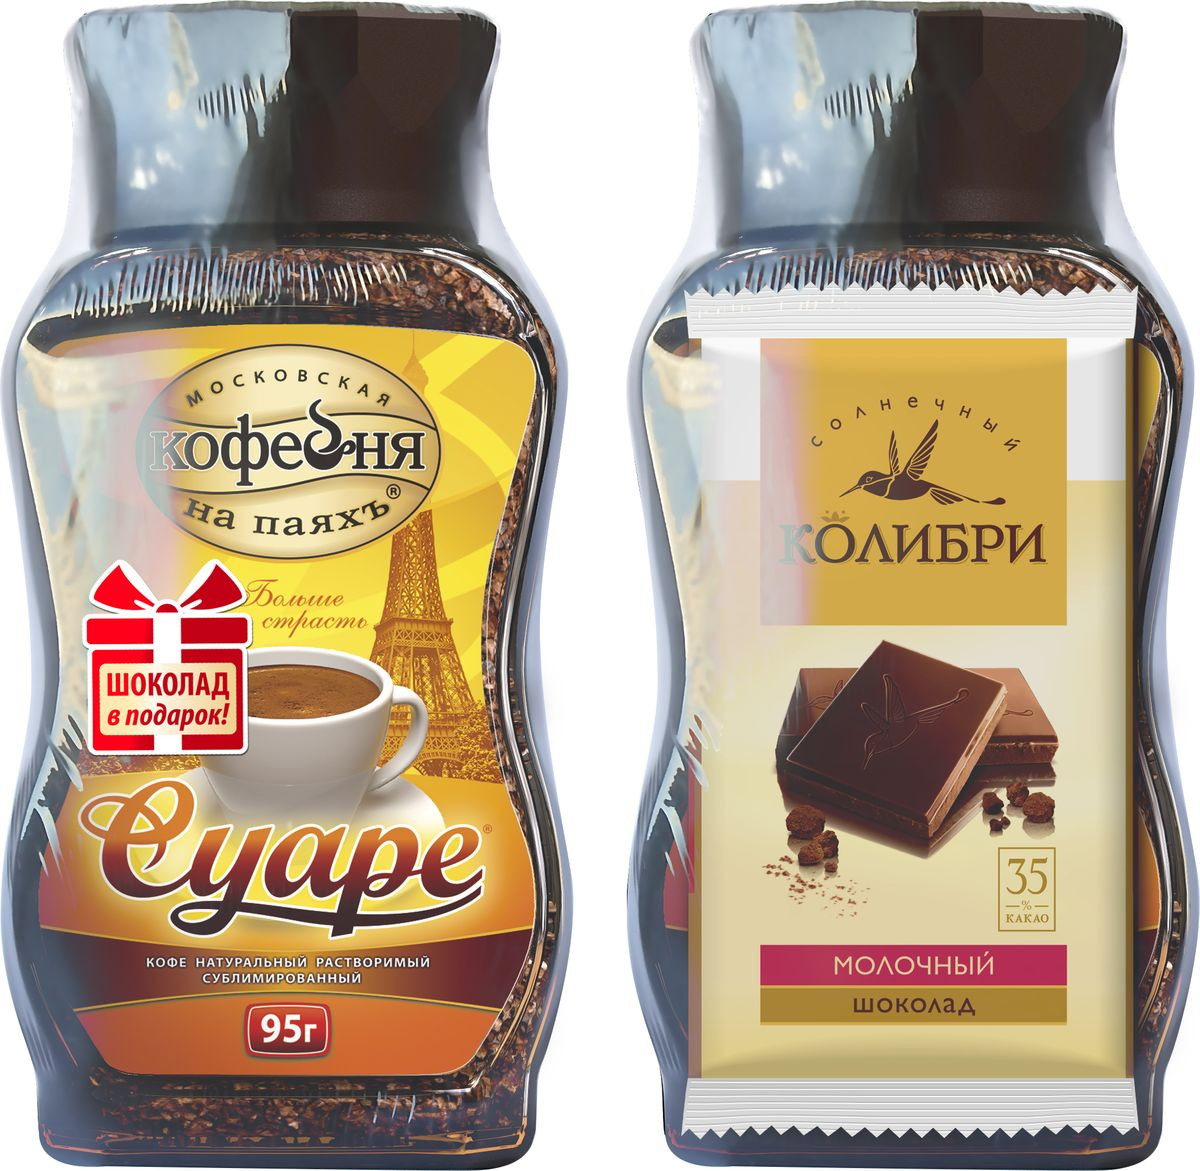 Московская кофейня на паяхъ Кофе сублимированный Суаре банка, 95 г + Солнечный колибри шоколад молочный, 35 г